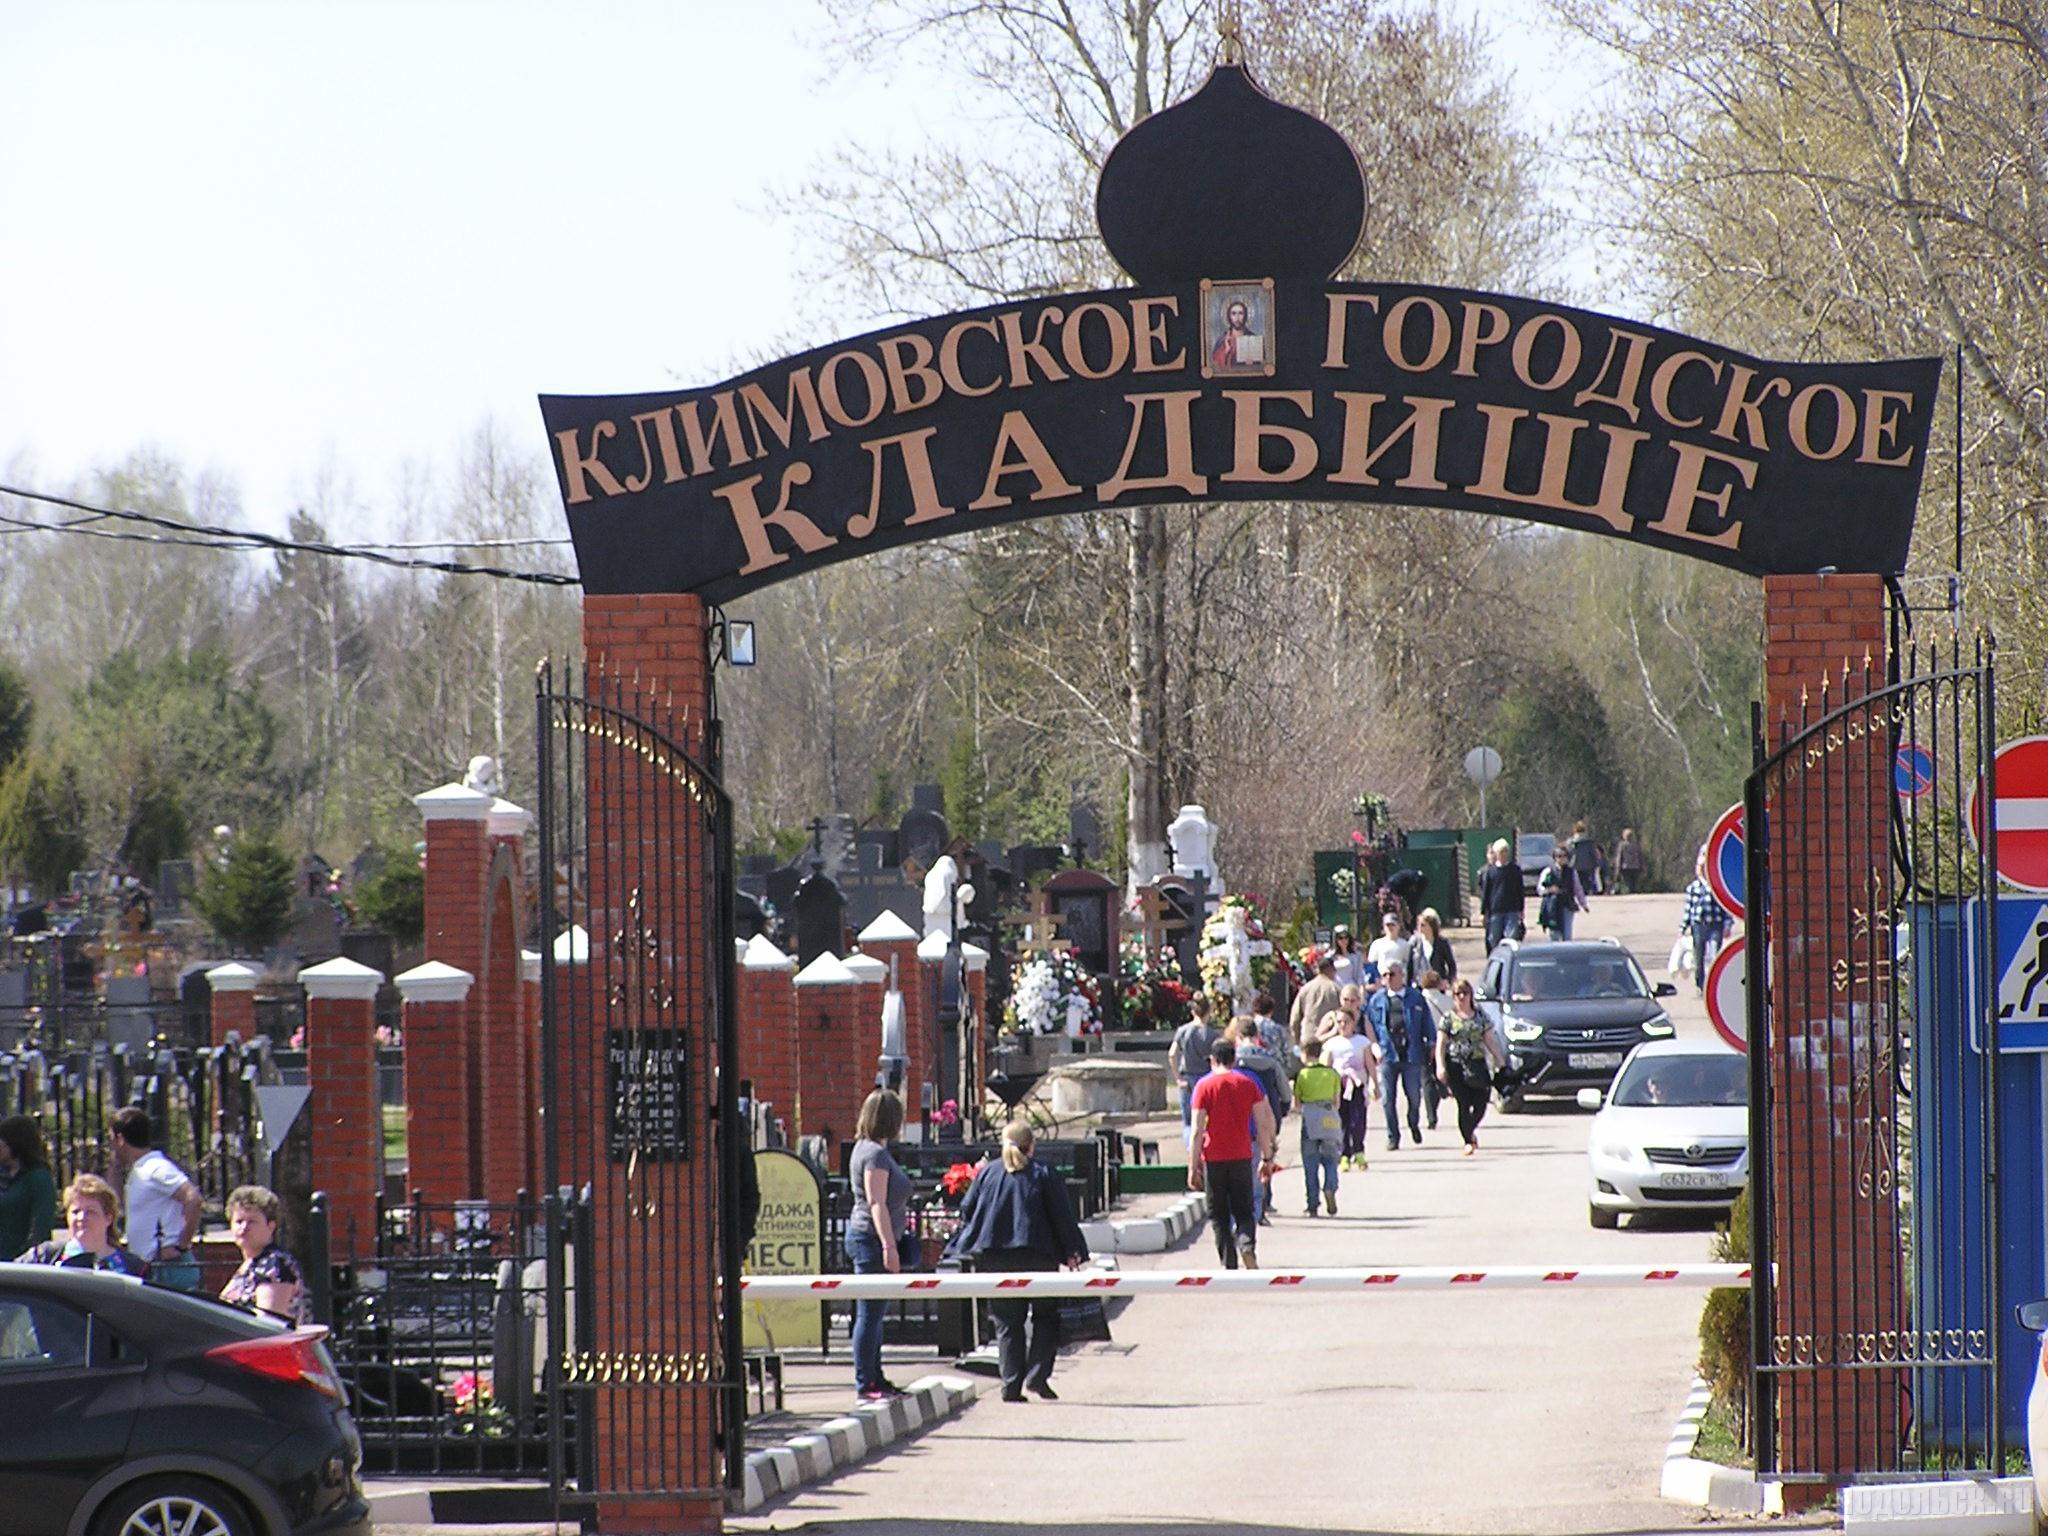 Климовское городское кладбище на Родоницу. 30.04.2017.